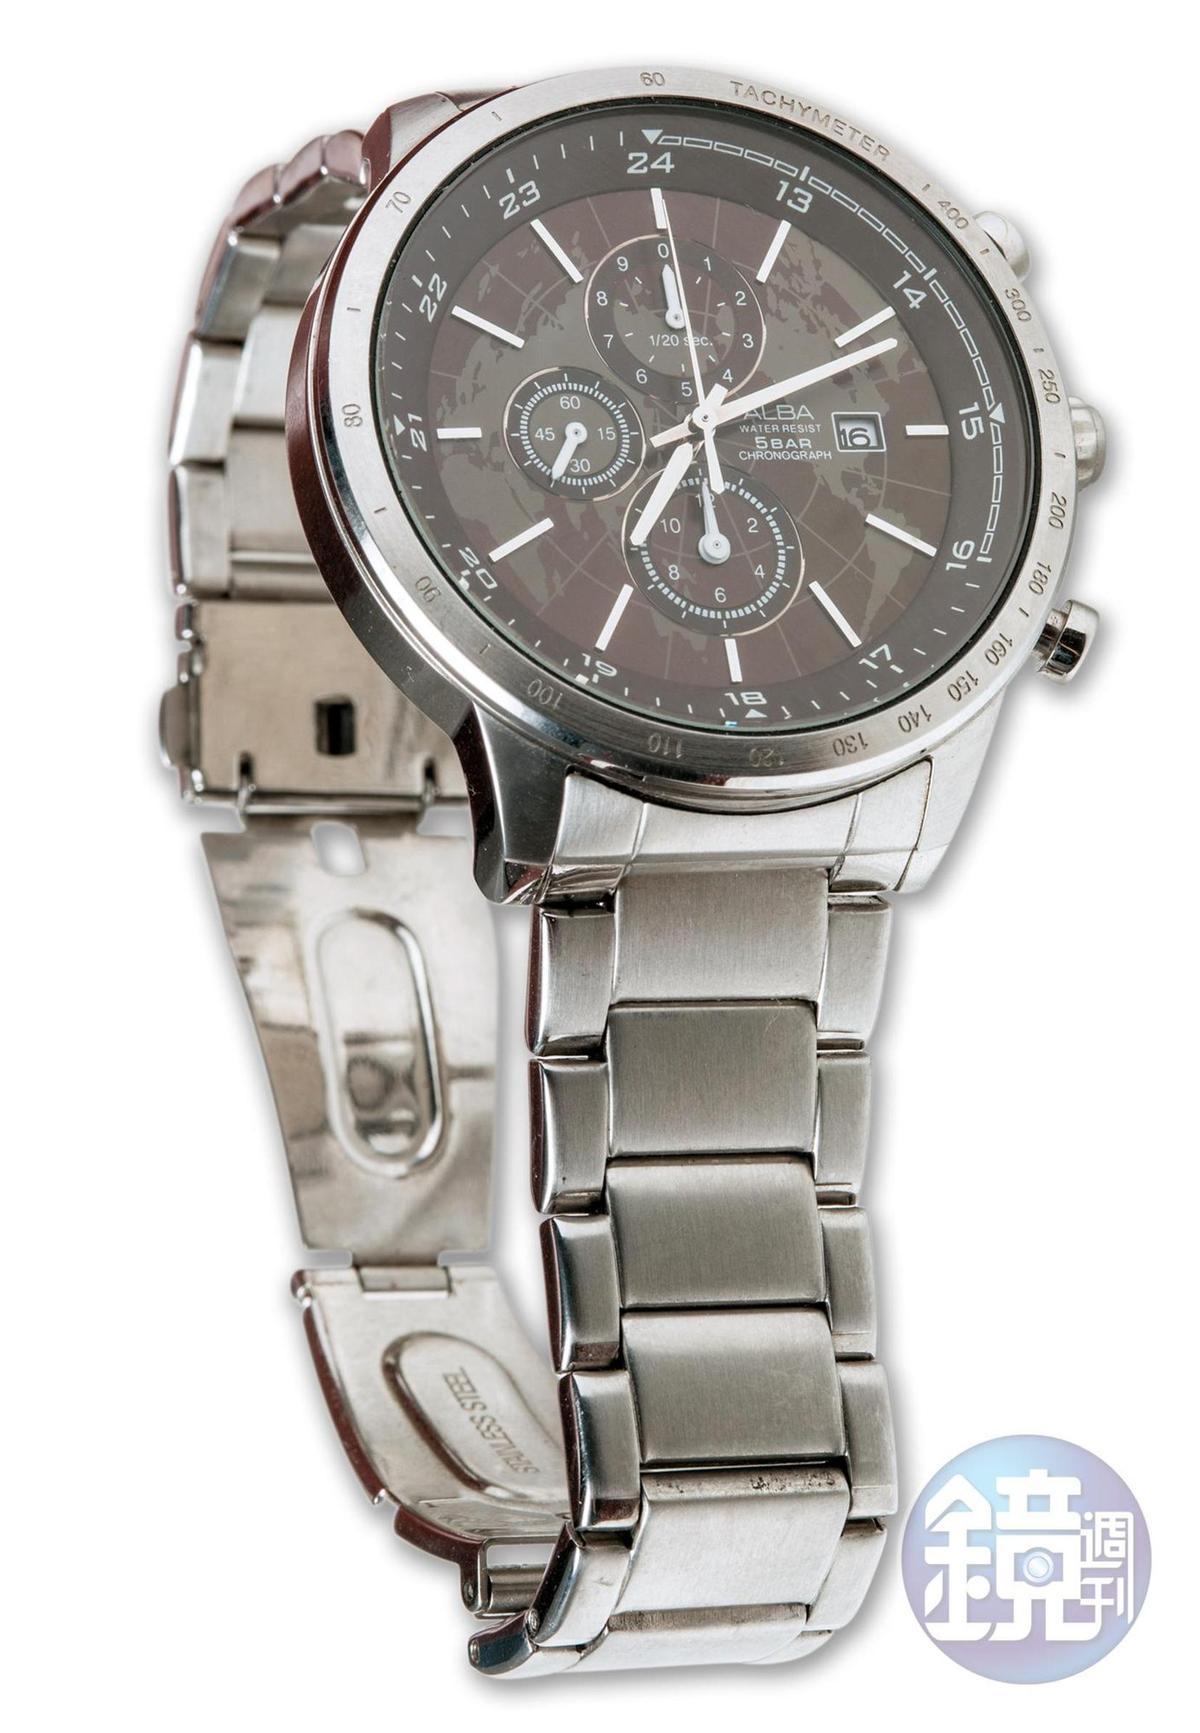 粉絲送的ALBA手錶。約NT$5,000